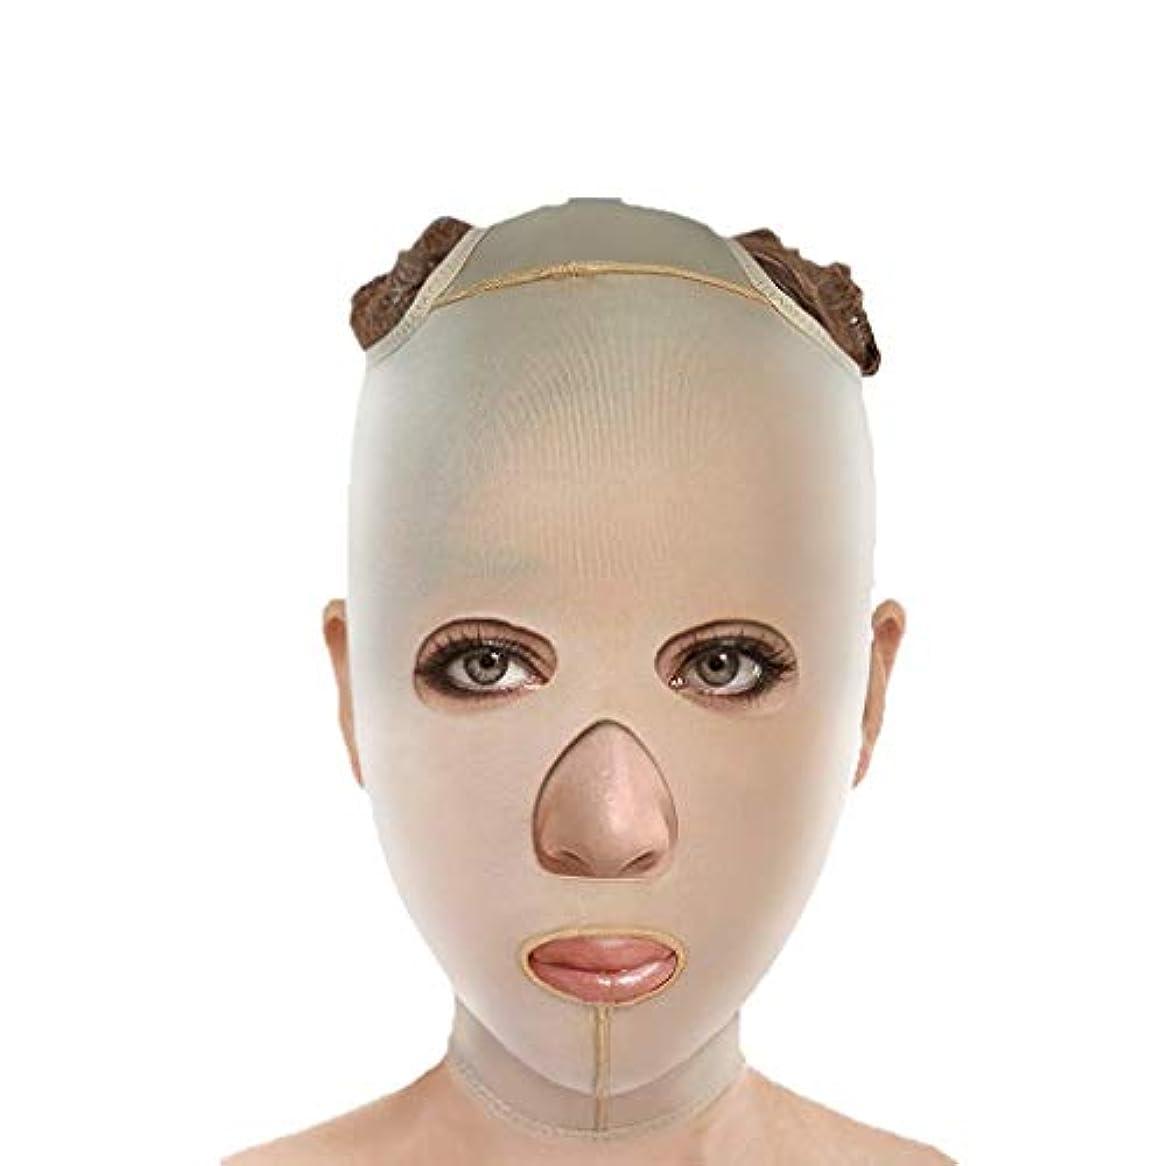 ずらす文化インシデントチンストラップ、フェイスリフティング、アンチエイジングフェイシャル包帯、フェイシャル減量マスク、ファーミングマスク、フェイシャルリフティングアーティファクト(サイズ:S),ザ?